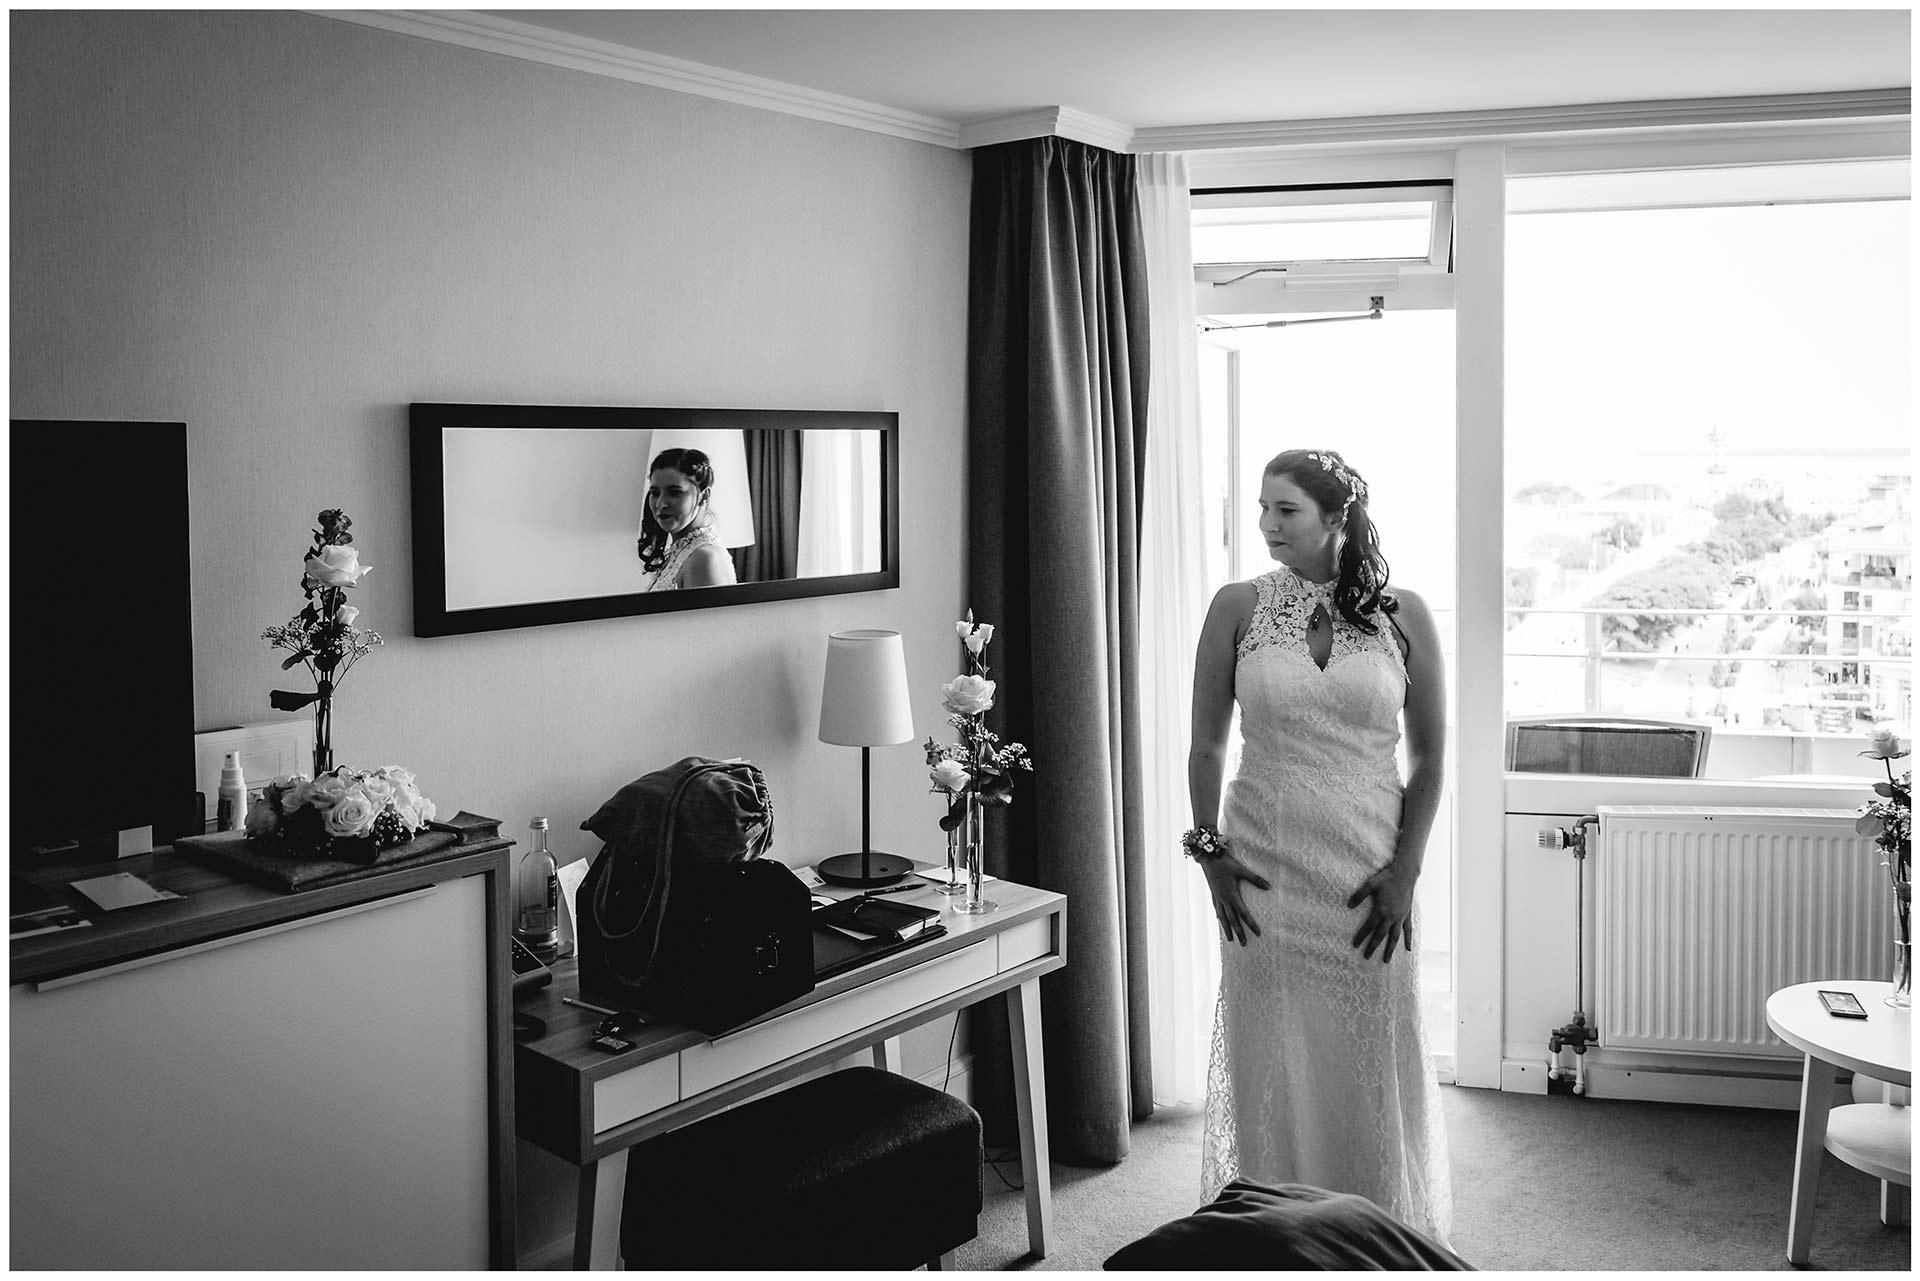 Braut-im-Brautkleid-steht-im-Hotelzimmer-Hochzeitsfotograf-Warnemuende-Rostock-Hochzeitsfotograf-Ostseebad-Warnemuende